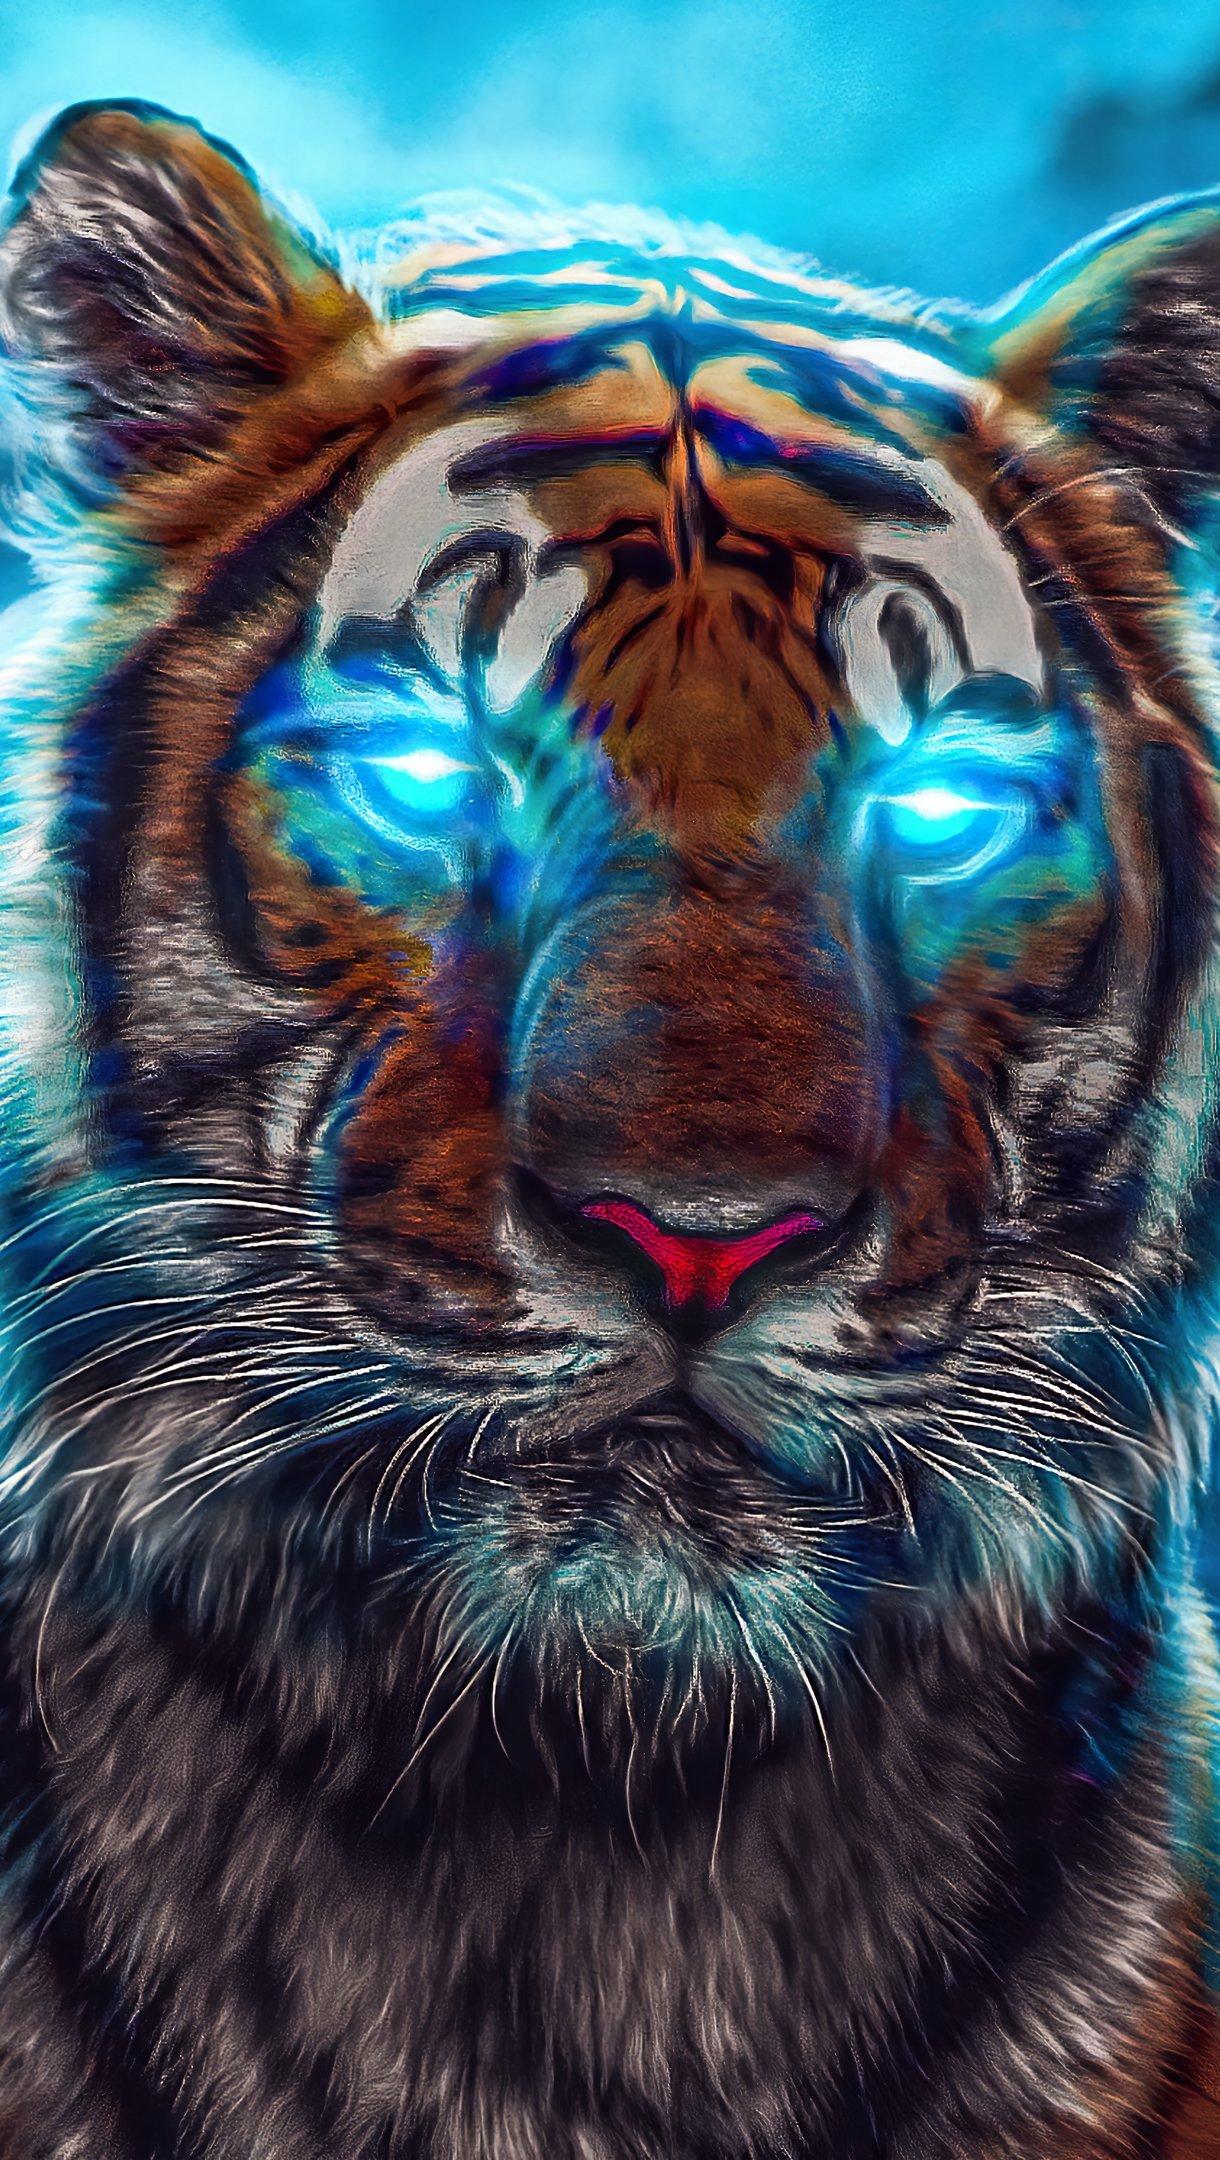 Fondos de pantalla Tigre con ojos iluminados de azul Vertical